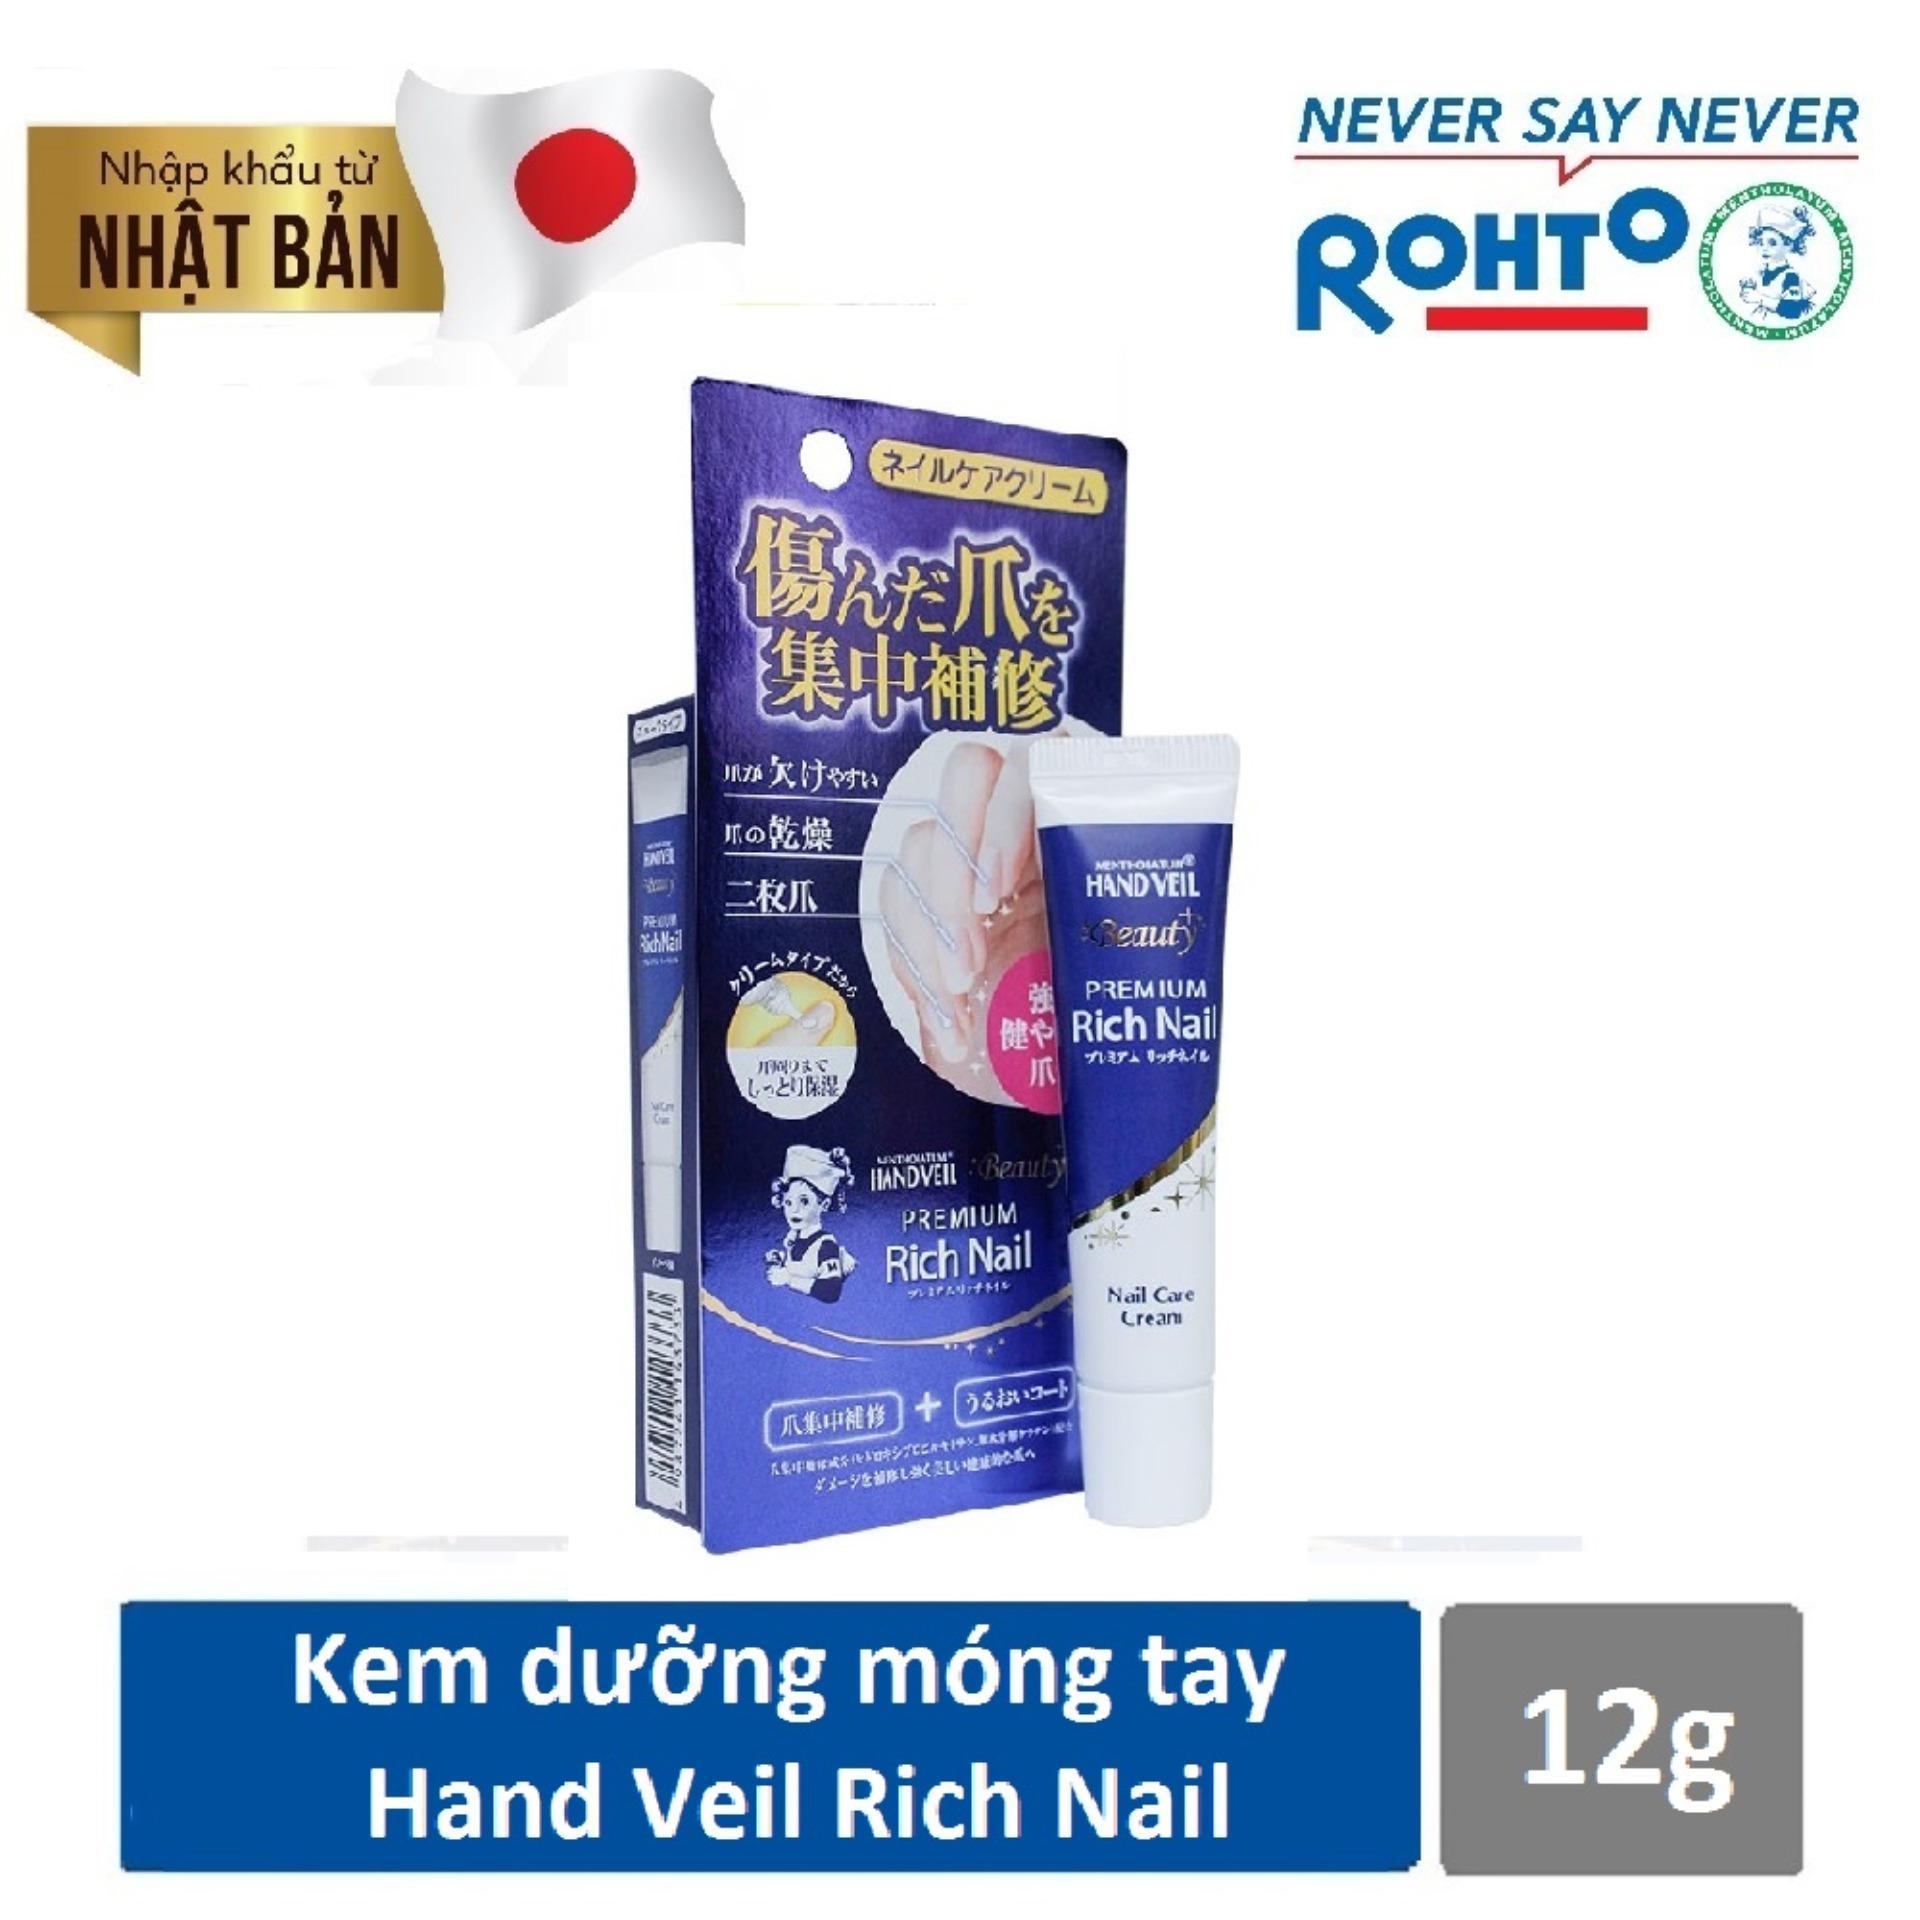 Mua Kem Dưỡng Mong Tay Mentholatum Hand Veil Premium Rich Nail 12G Nhập Khẩu Từ Nhật Bản Trực Tuyến